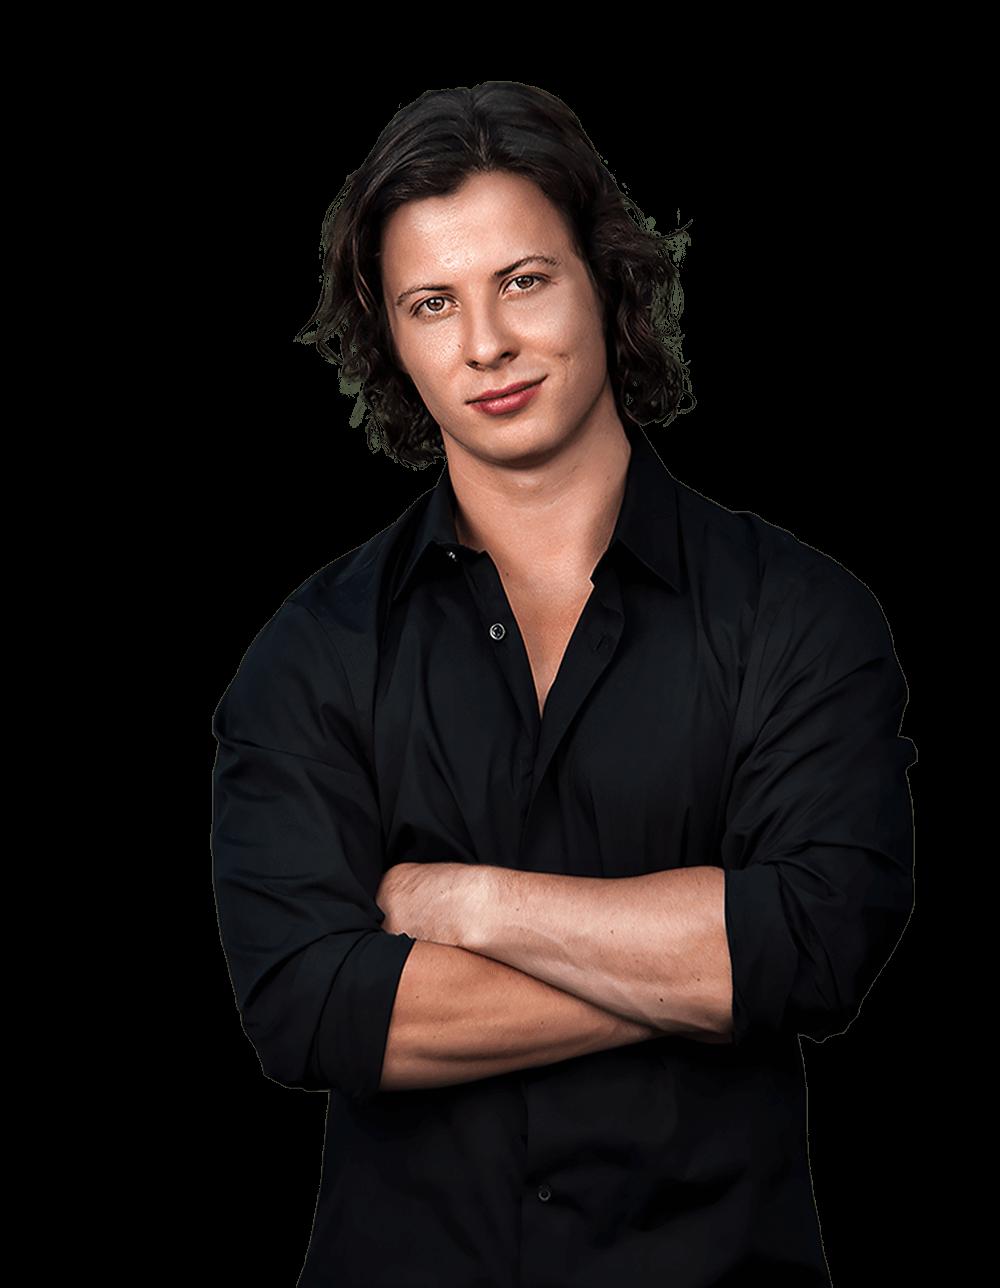 Roman Štěrba vytváří internetové prezentace pro firmy ve Valmezu